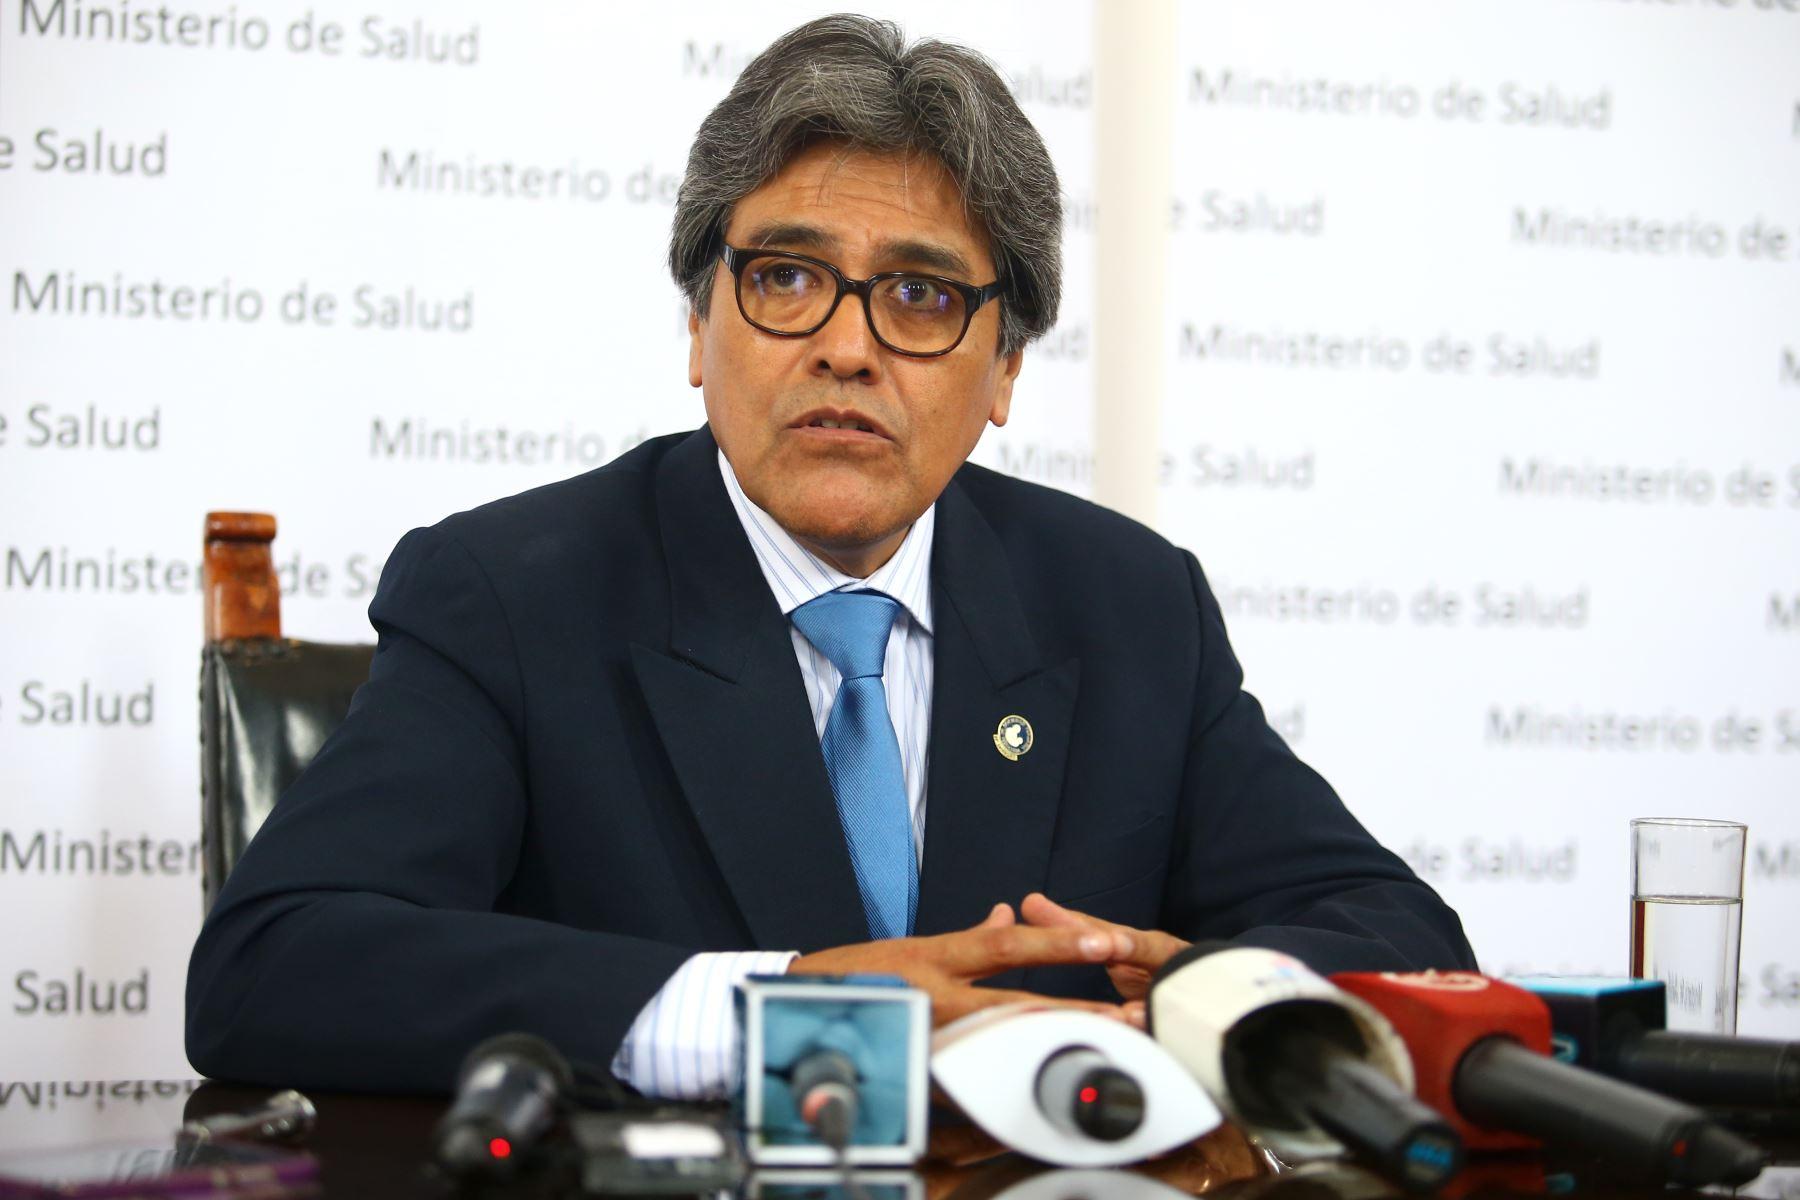 Abel Salinas